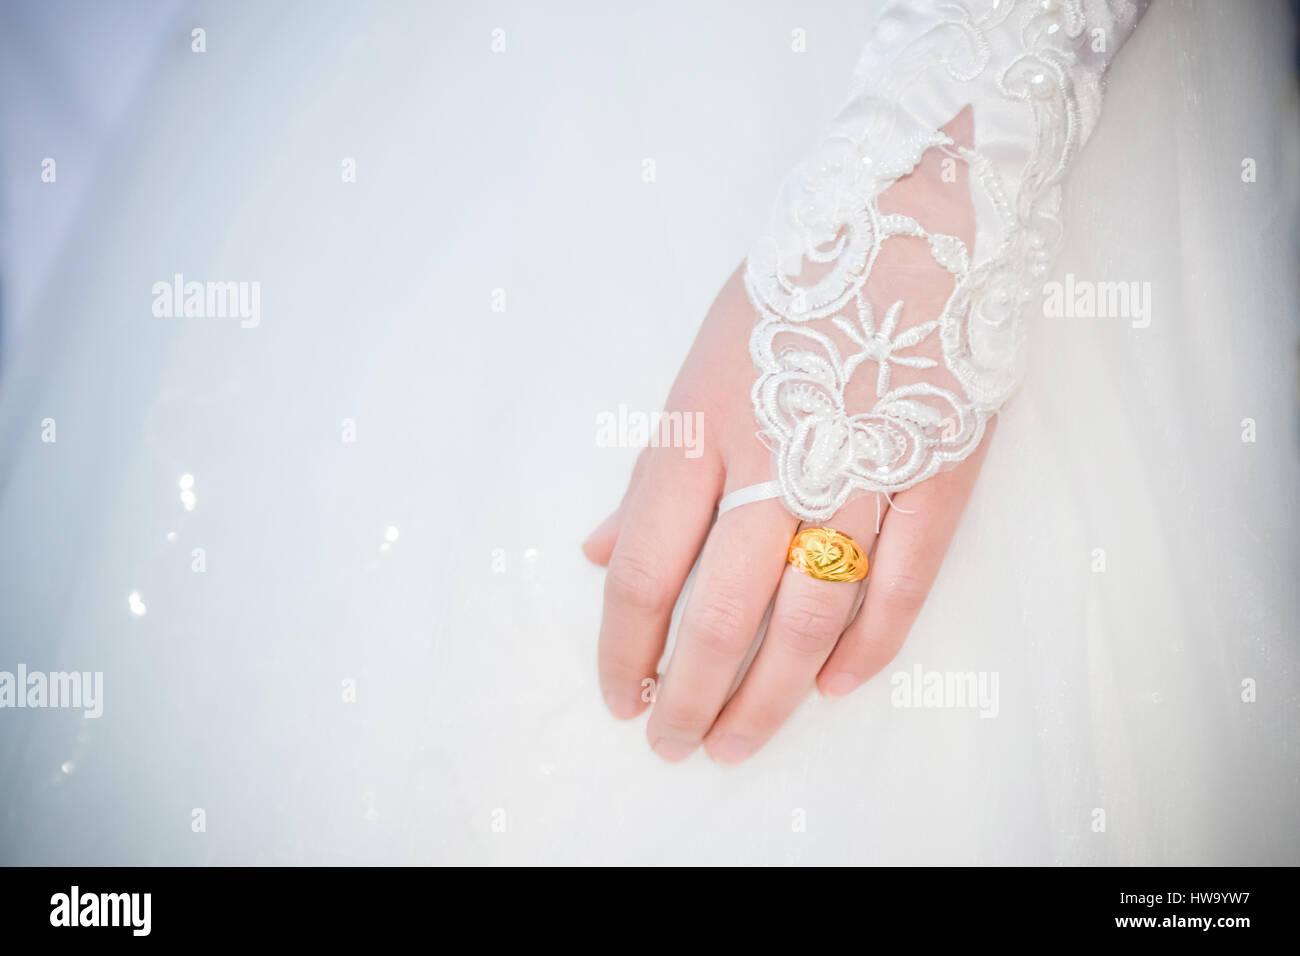 0ec933d90eac1 die Braut trägt ein Kleid, eine Hochzeit, ein schönes Kleid mit Ehering